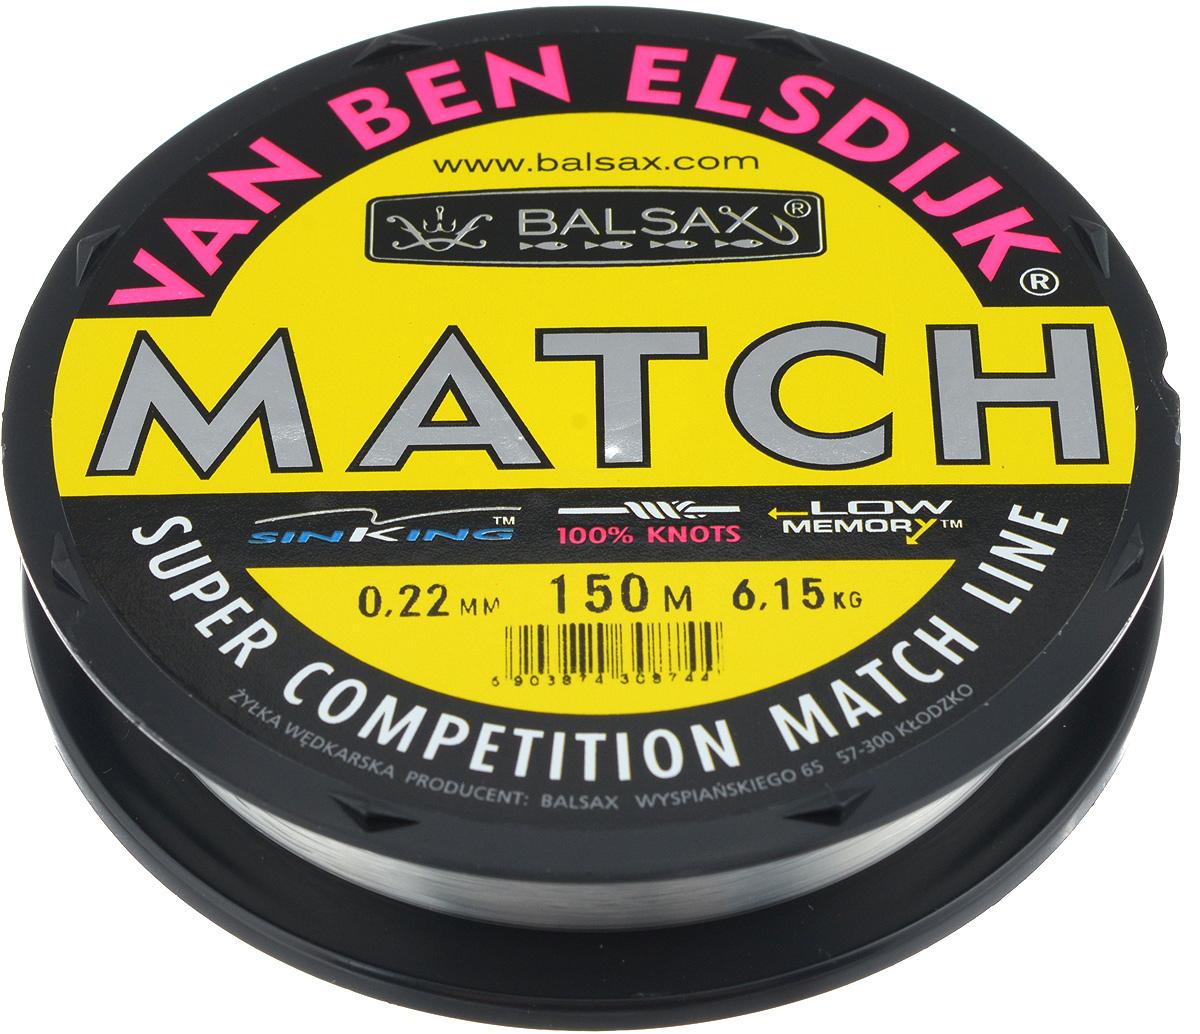 Леска Balsax Match VBE, 150 м, 0,22 мм, 6,15 кгГризлиОпытным спортсменам, участвующим в соревнованиях, нужна надежная леска, в которой можно быть уверенным в любой ситуации. Леска Balsax Match VBE отличается замечательной прочностью на узле и высокой сопротивляемостью к истиранию. Она была проверена на склонность к остаточным деформациям, чтобы убедиться в том, что она обладает наиболее подходящей растяжимостью, отвечая самым строгим требованиям рыболовов. Такая леска отлично подходит как для спортивного, так и для любительского рыболовства.